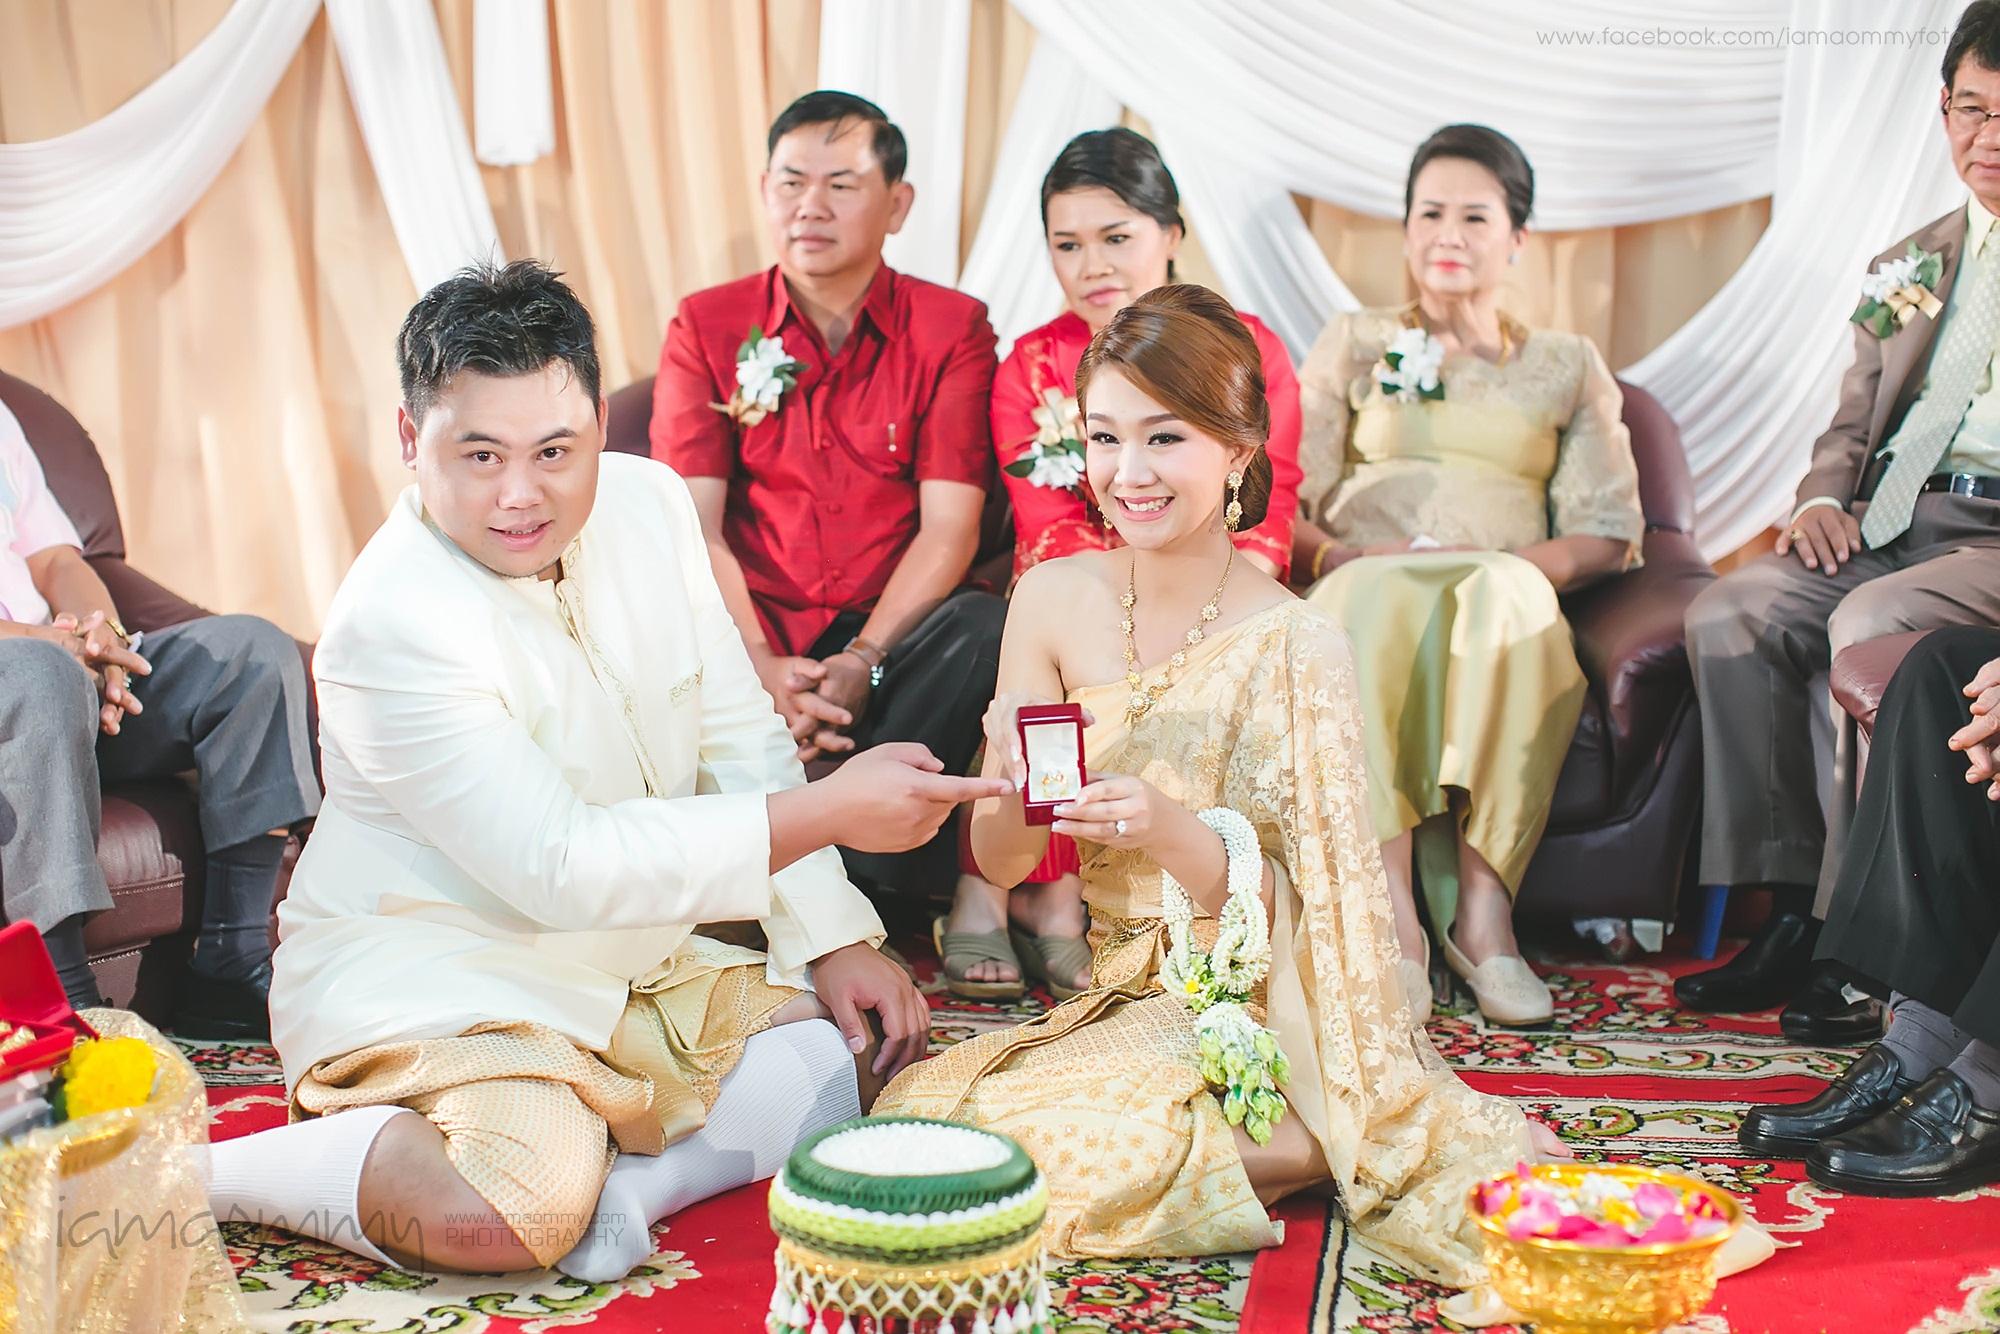 ถ่ายภาพแต่งงงาน_สมาคมชาวปักษ์ใต้_Elle&Nut_0616